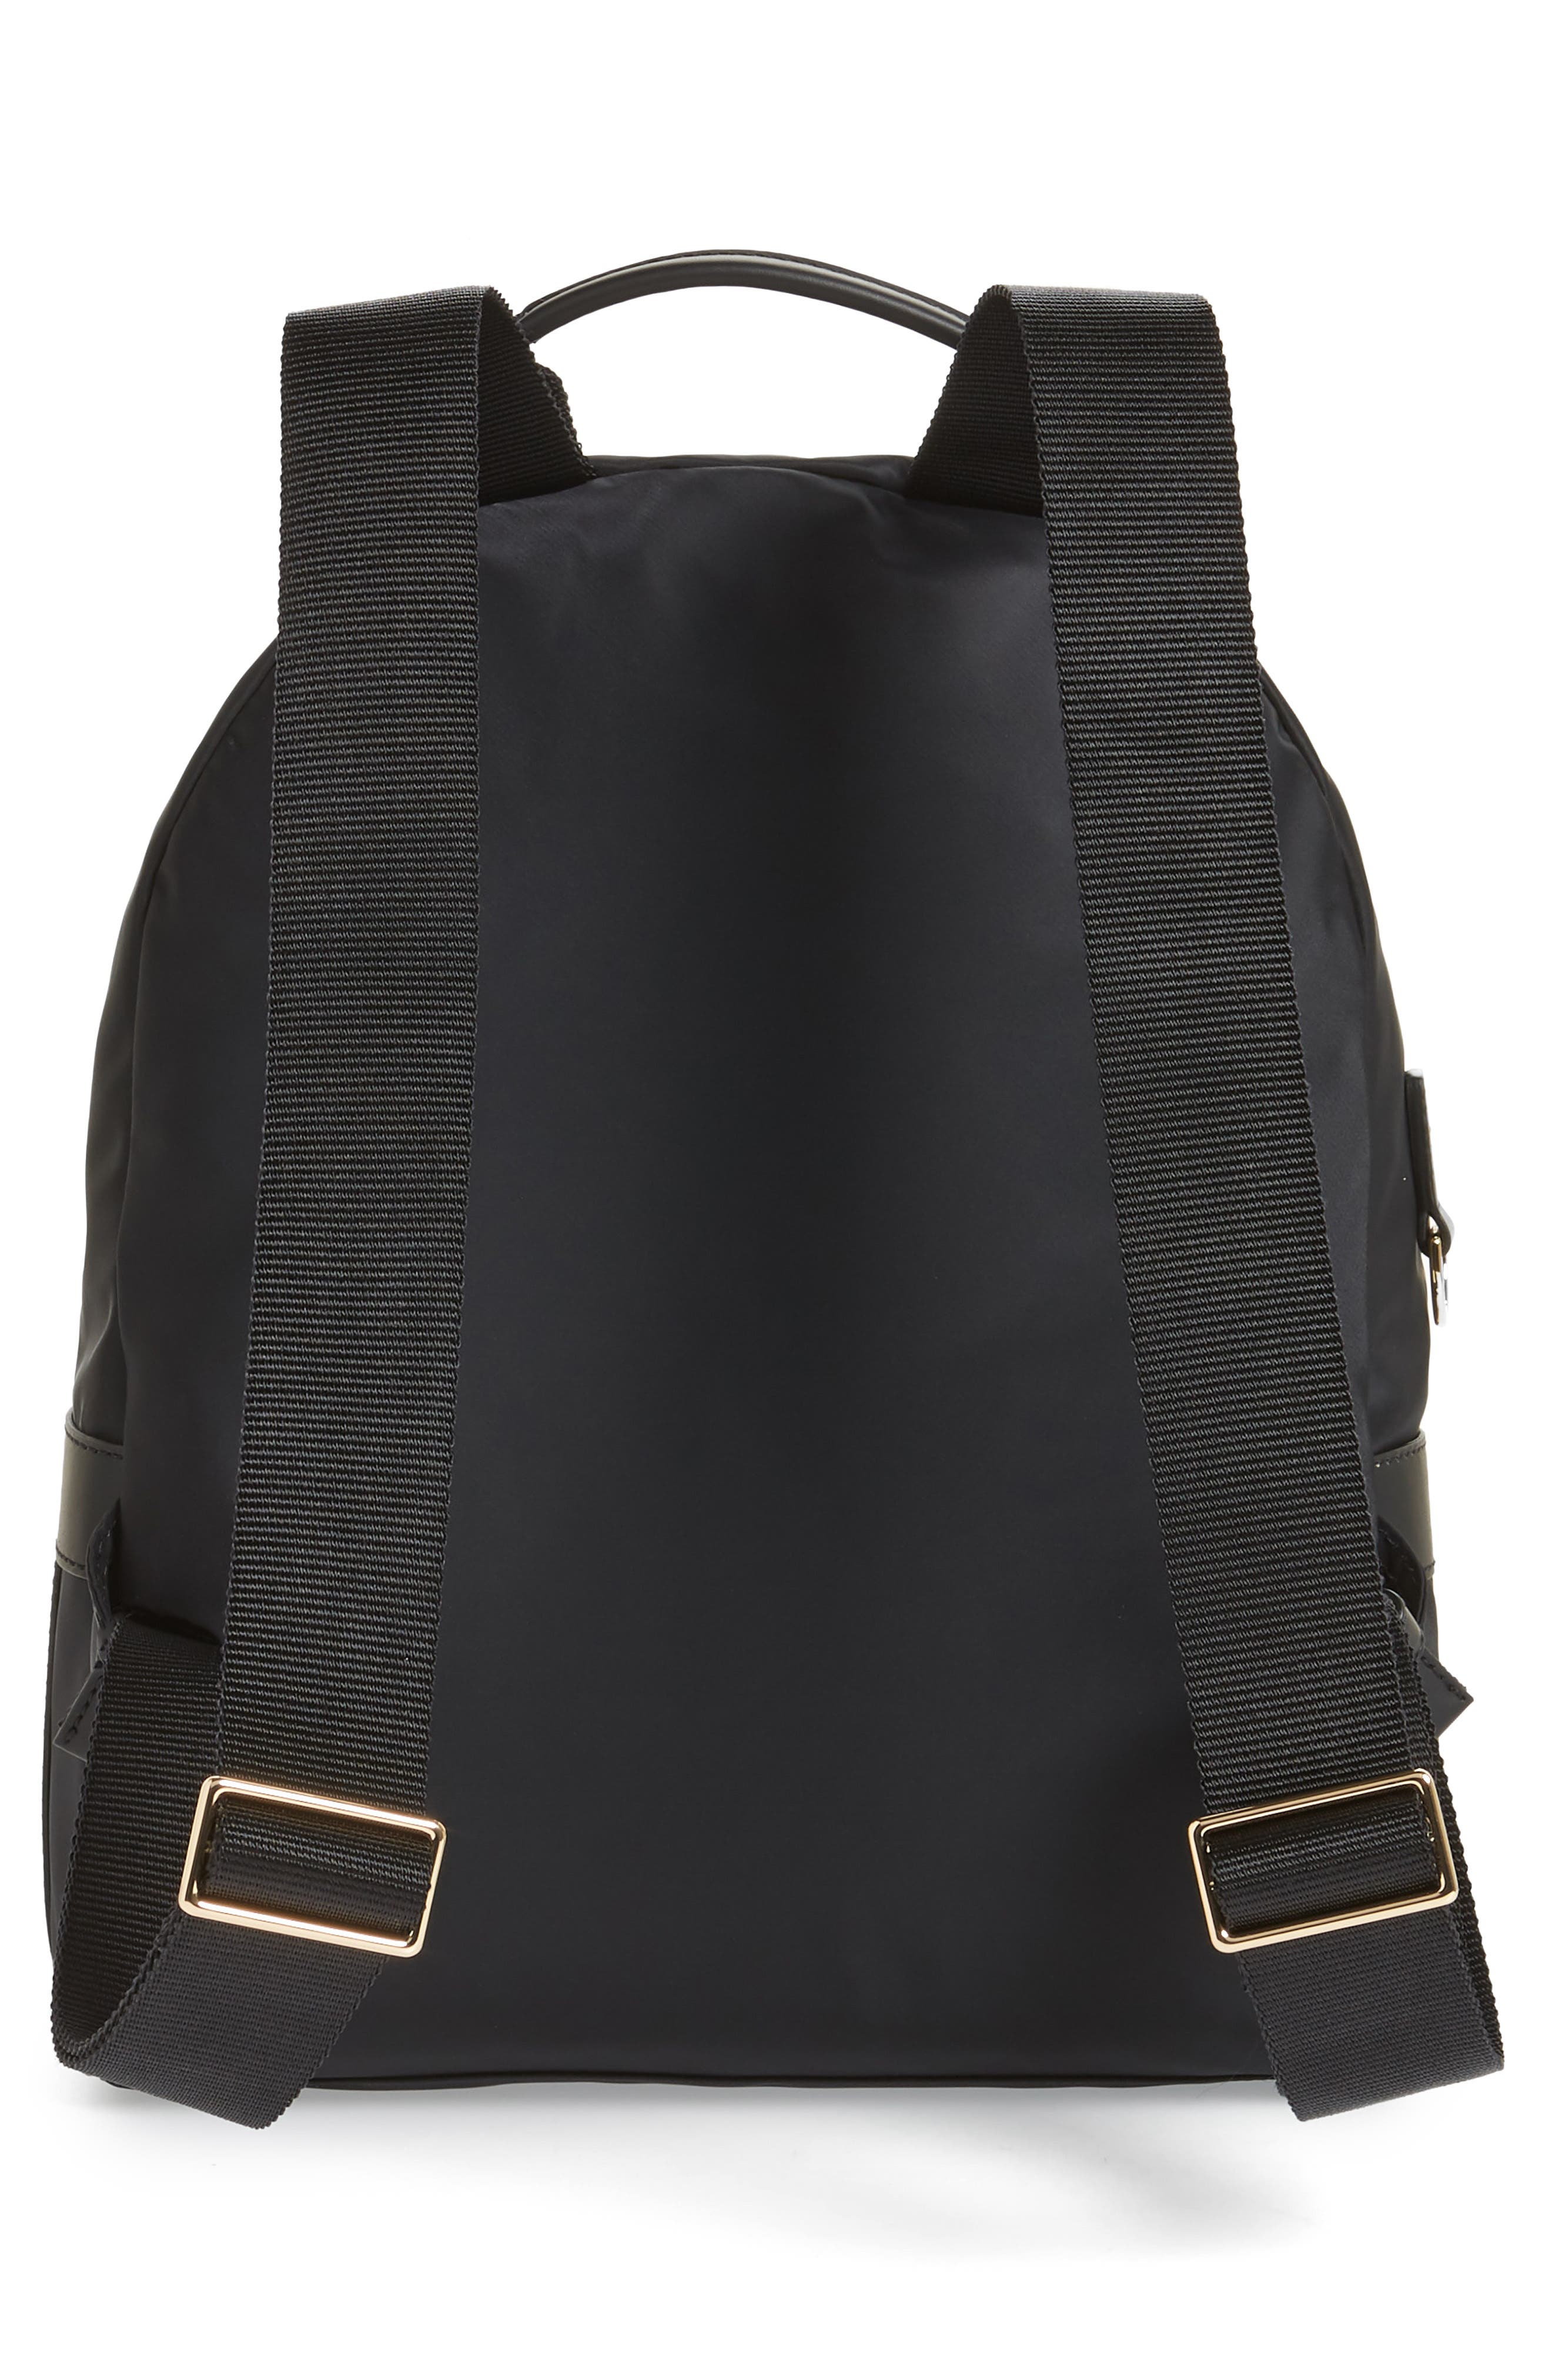 Tilda Nylon Backpack,                             Alternate thumbnail 3, color,                             001